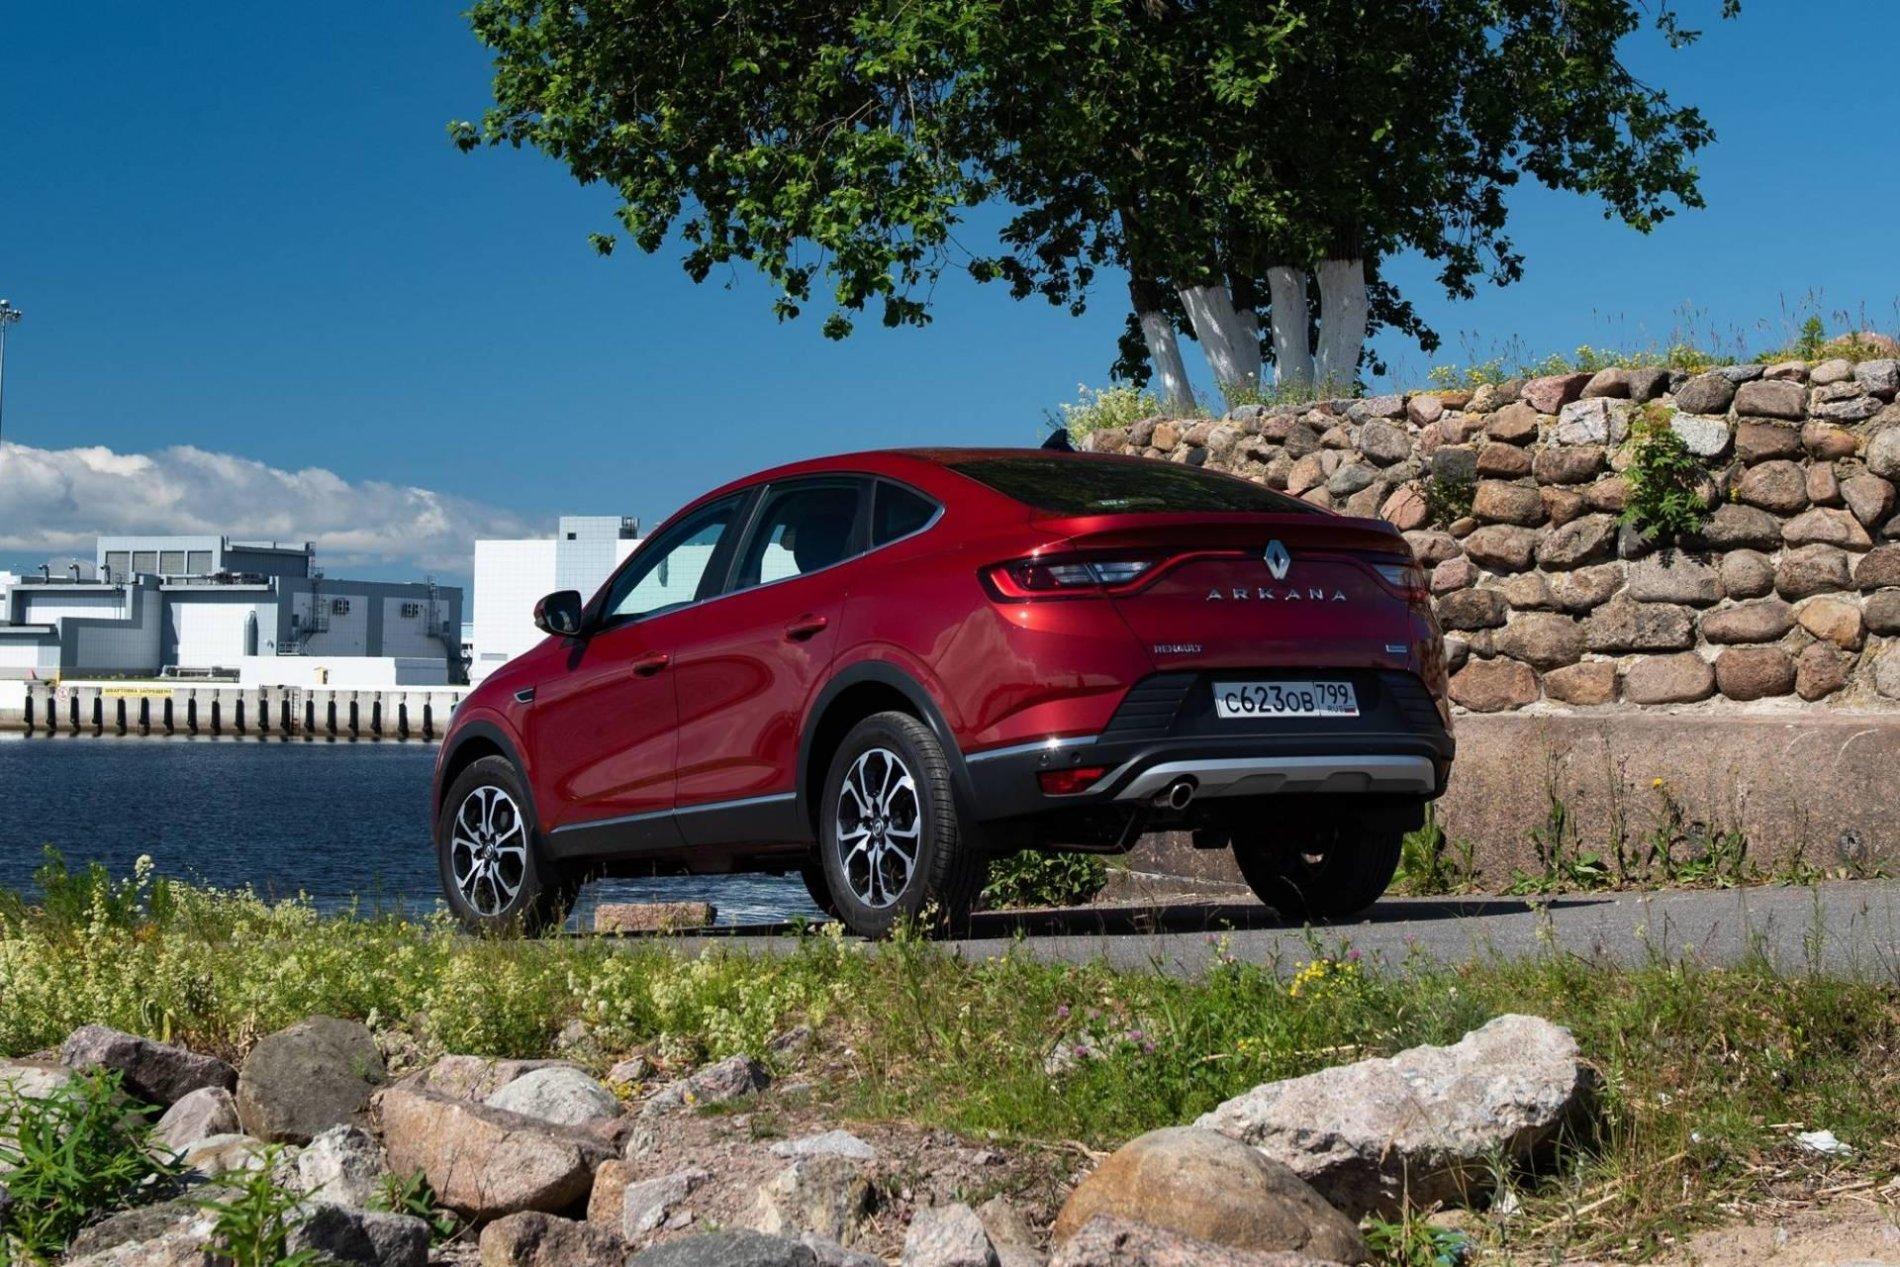 Renault Arkana - Galerie Foto - Renault Arkana - Galerie Foto